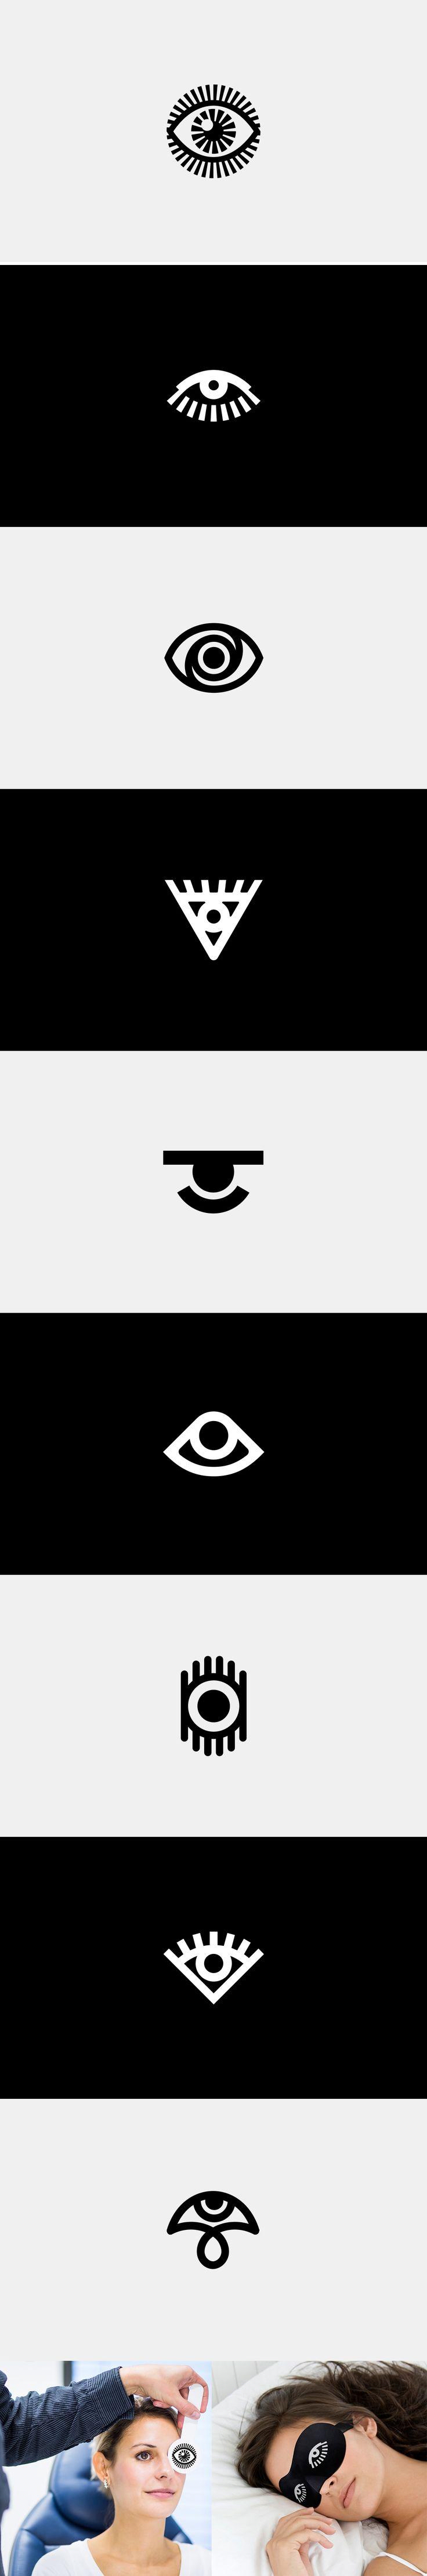 EYE. ICONS, Пиктограмма © РамильШире